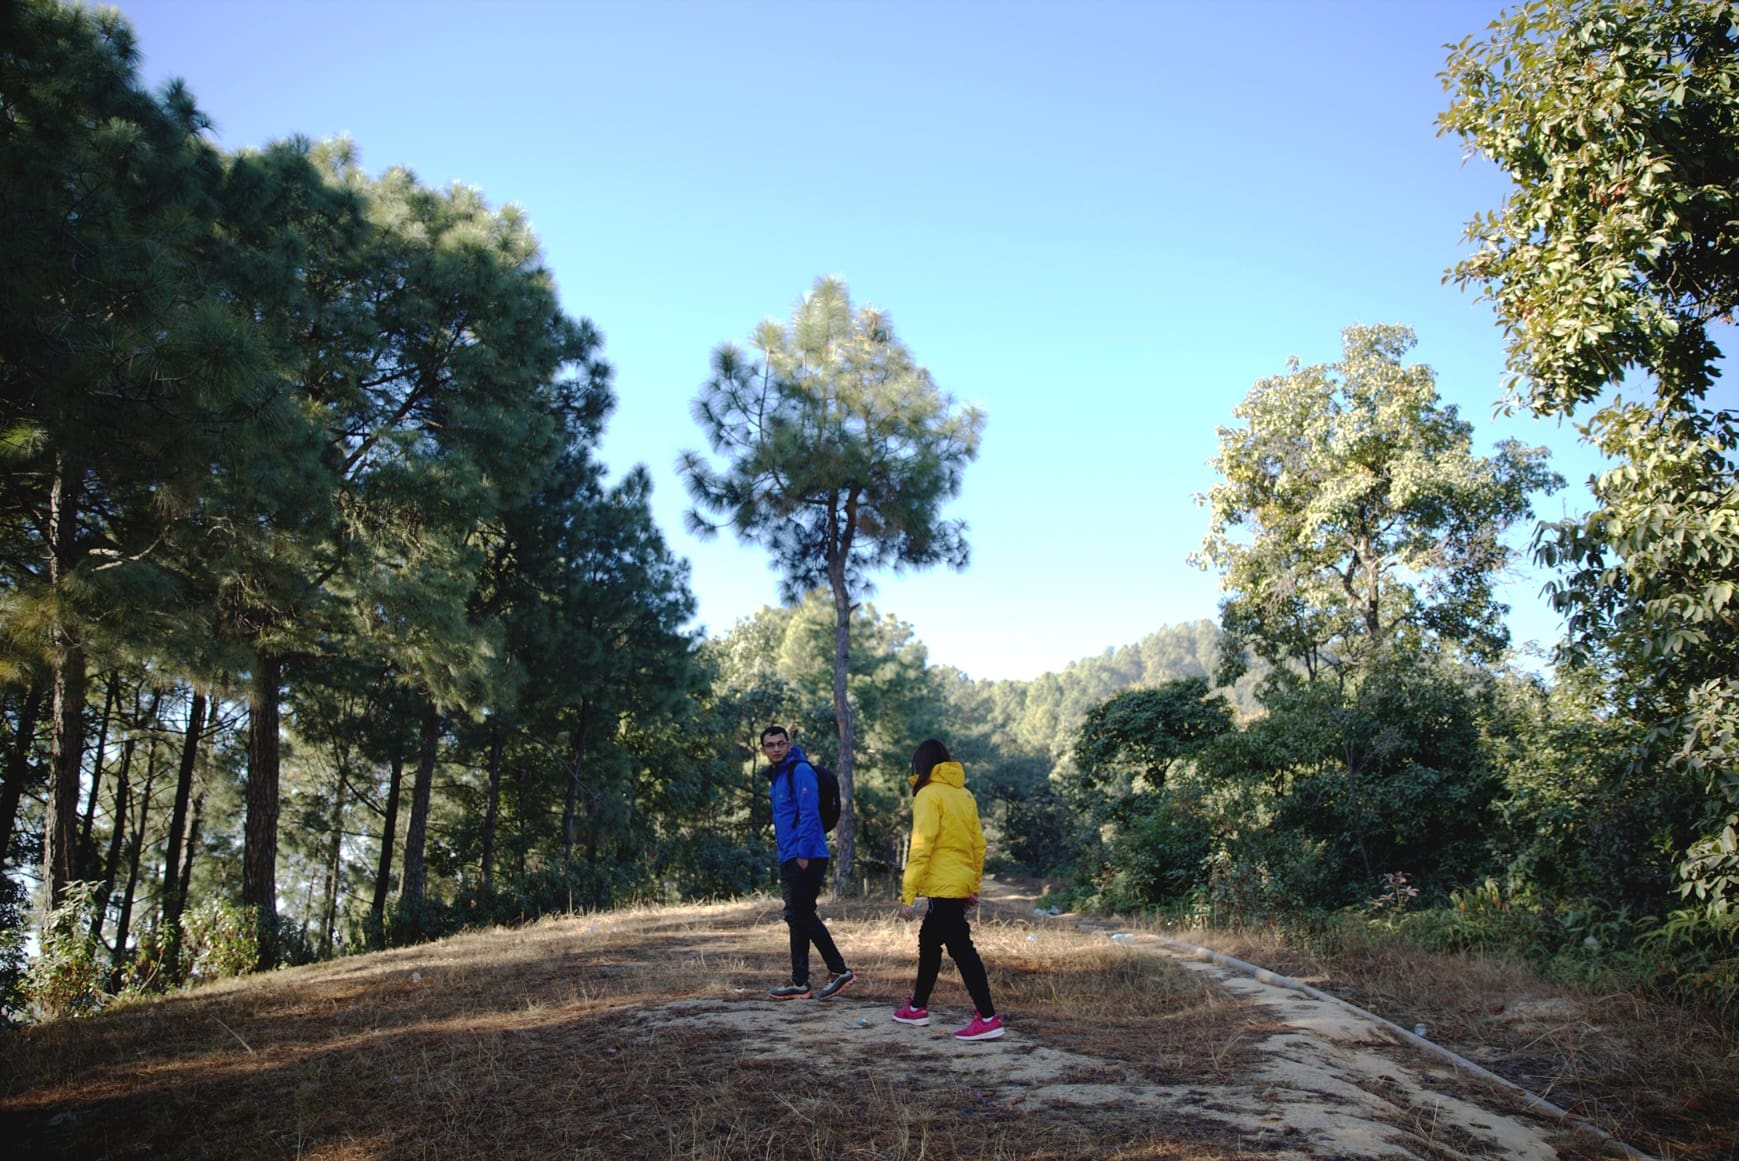 du lịch nepal: một góc đồi nagorkot